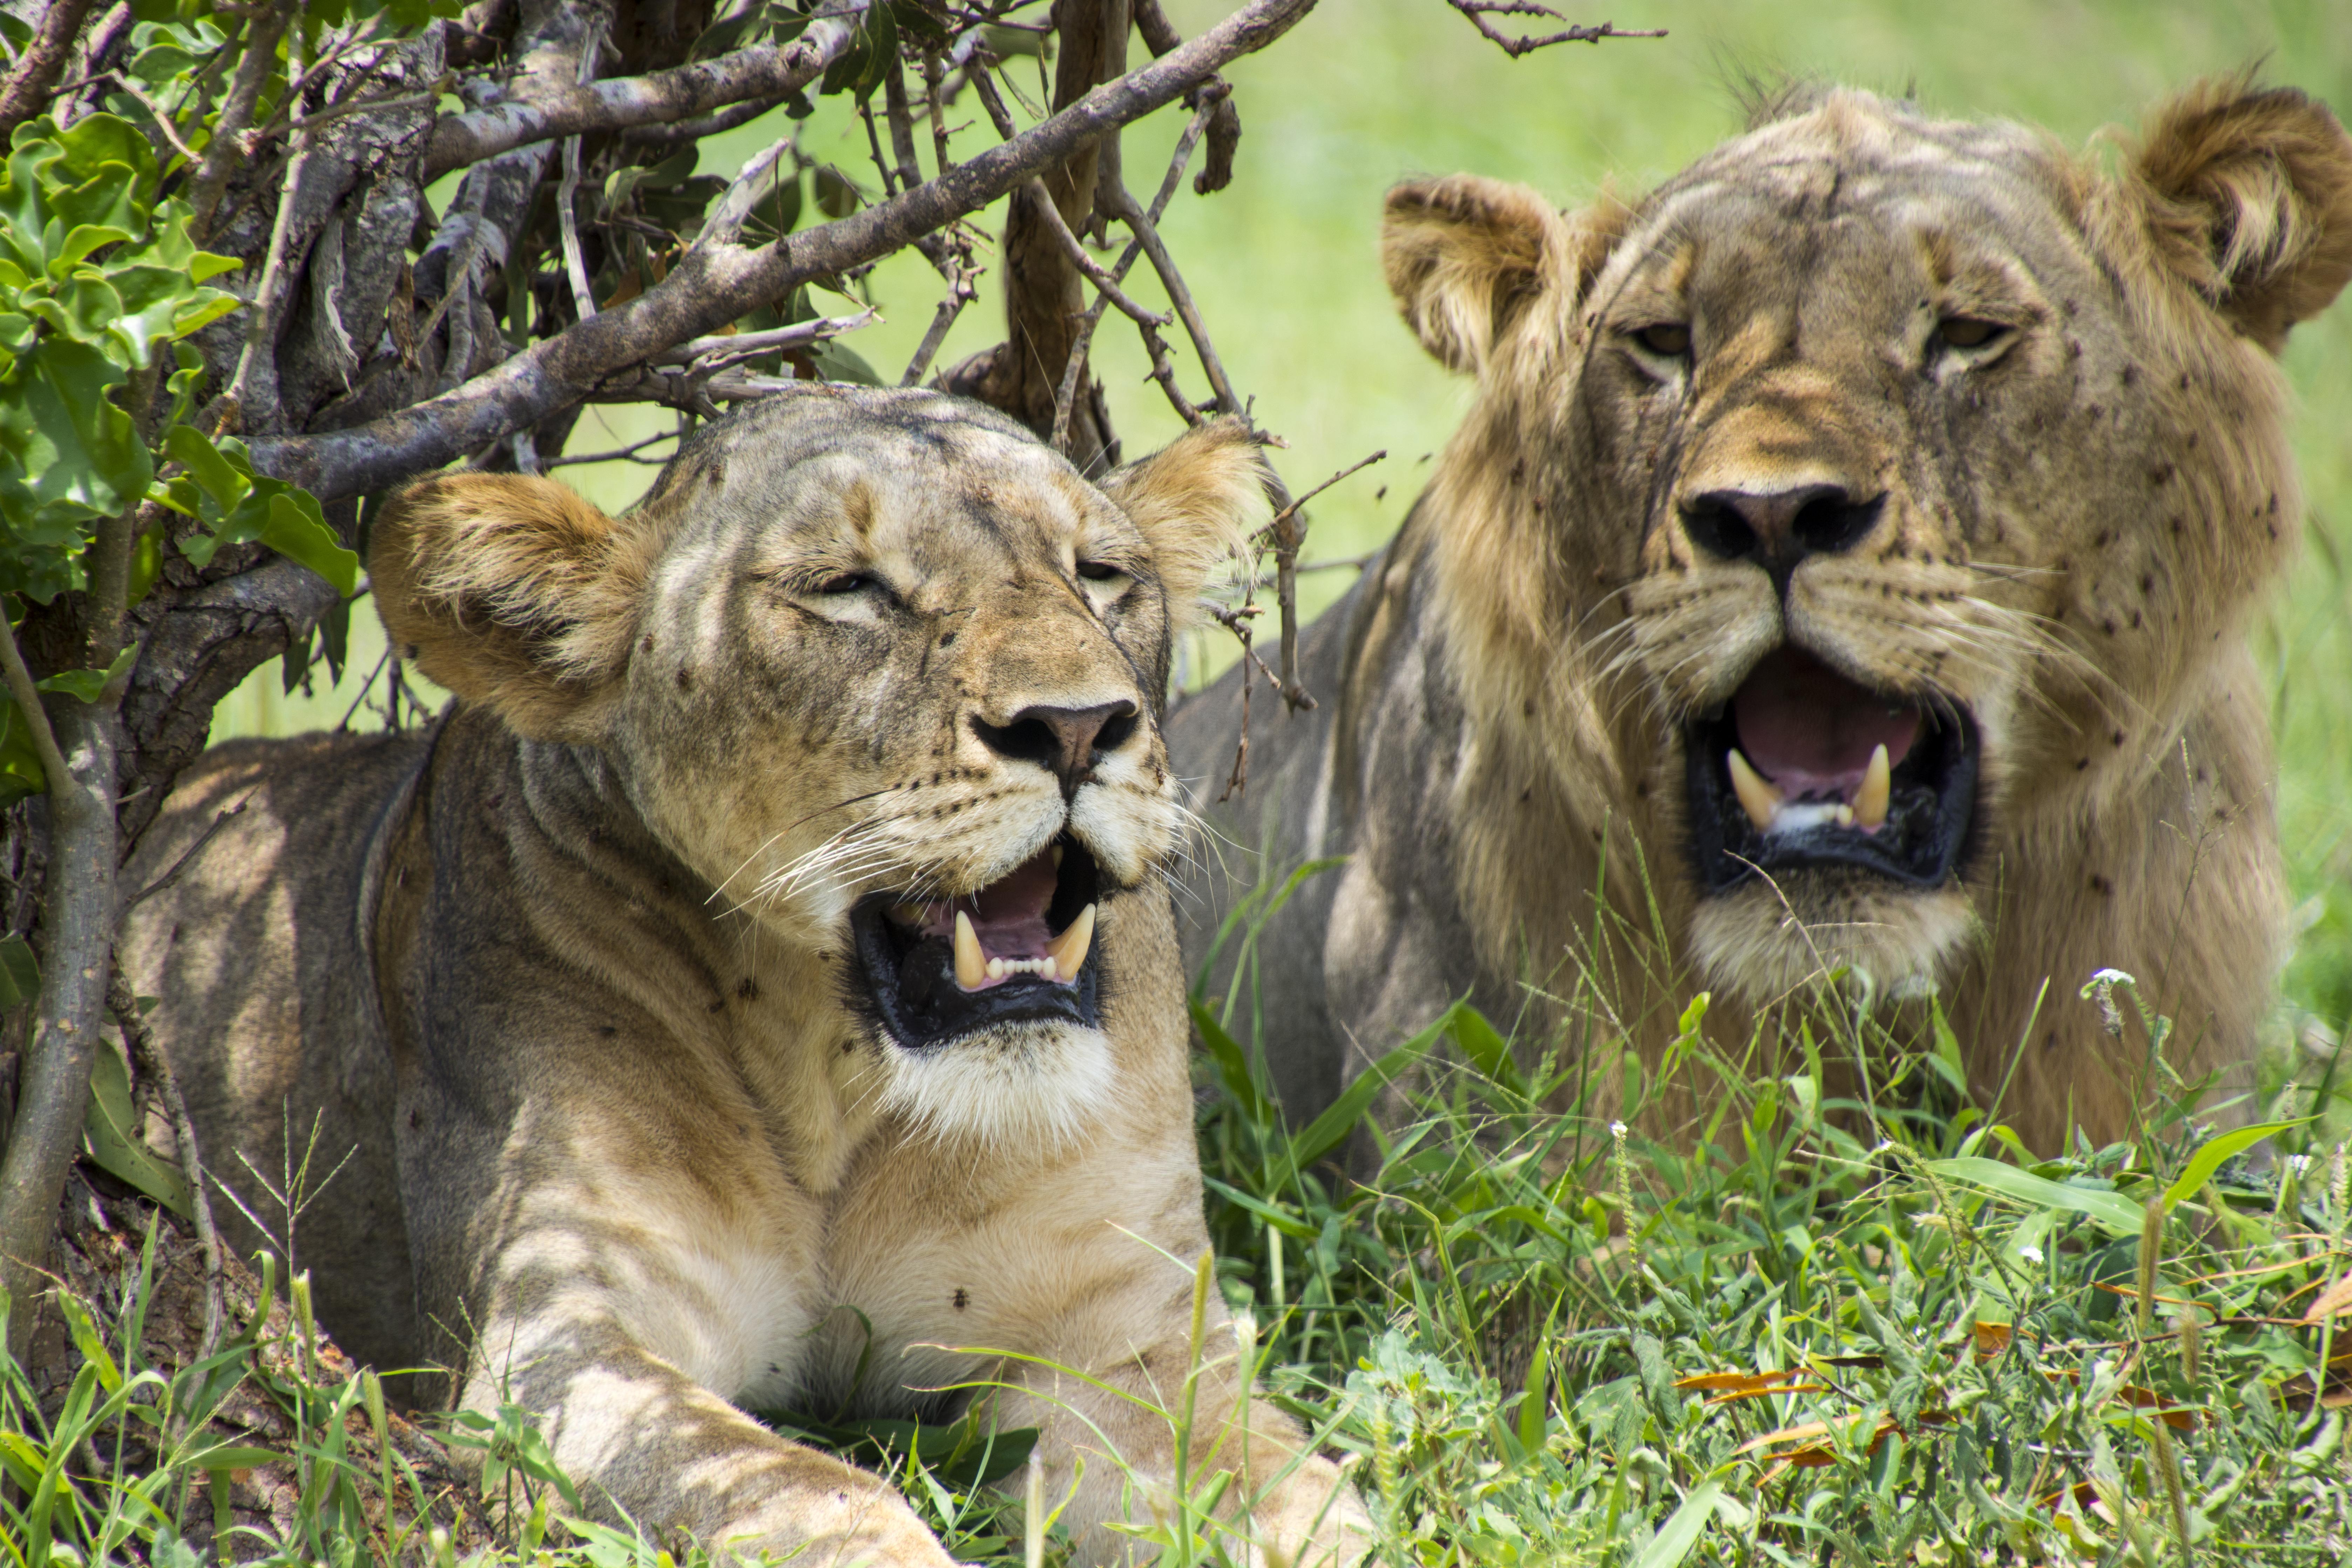 Disfruta de las maravillas que esconde el parque más extenso de Kenia - Kenia Safari Safari en Kenia: Parque Nacional de Tsavo